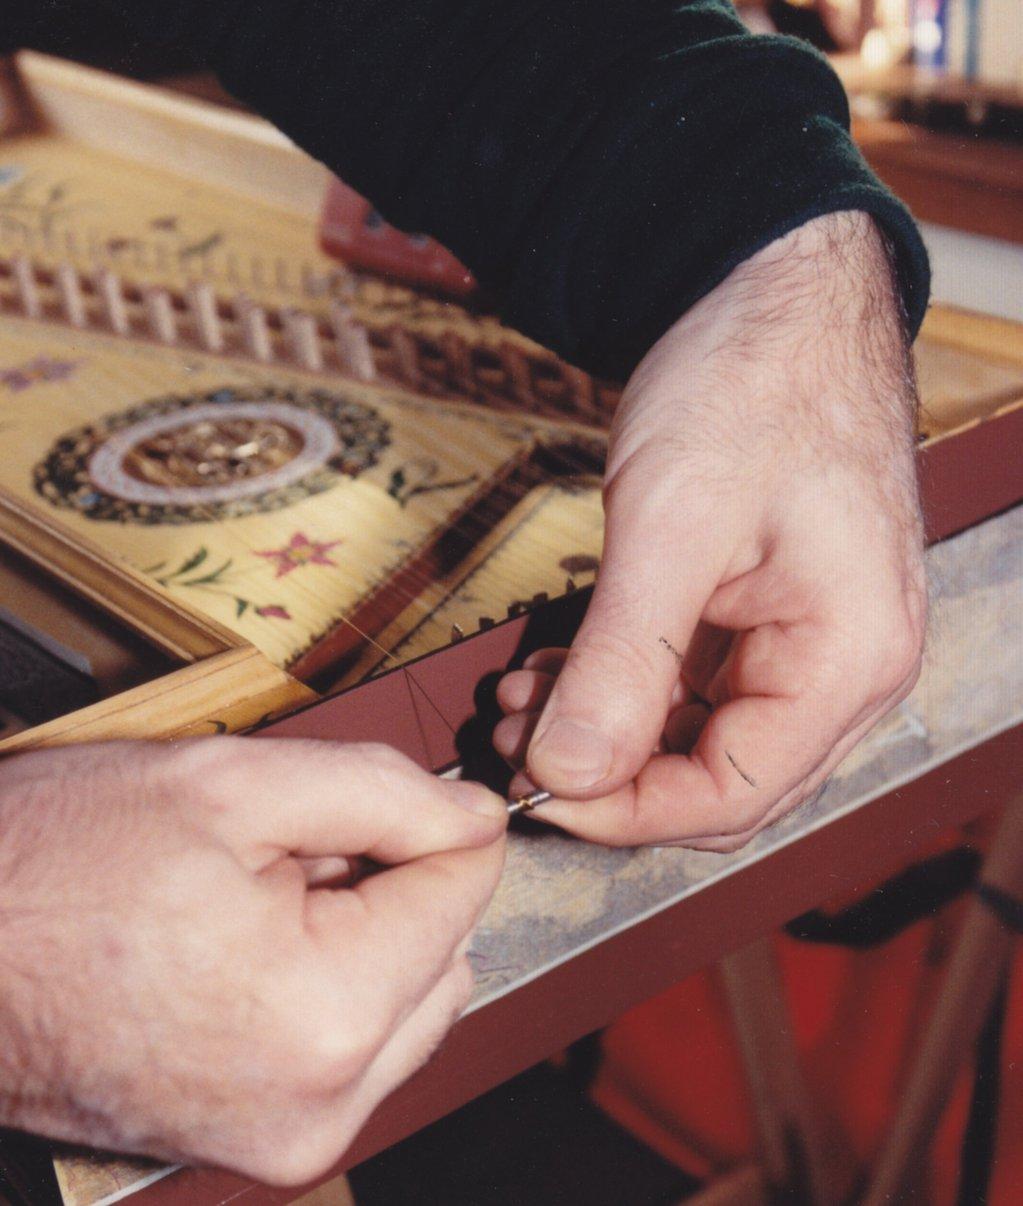 Fabrication d'instruments de musique anciens de bgire - Page 2 DmNjJb-1992-Kind-Virginal-66